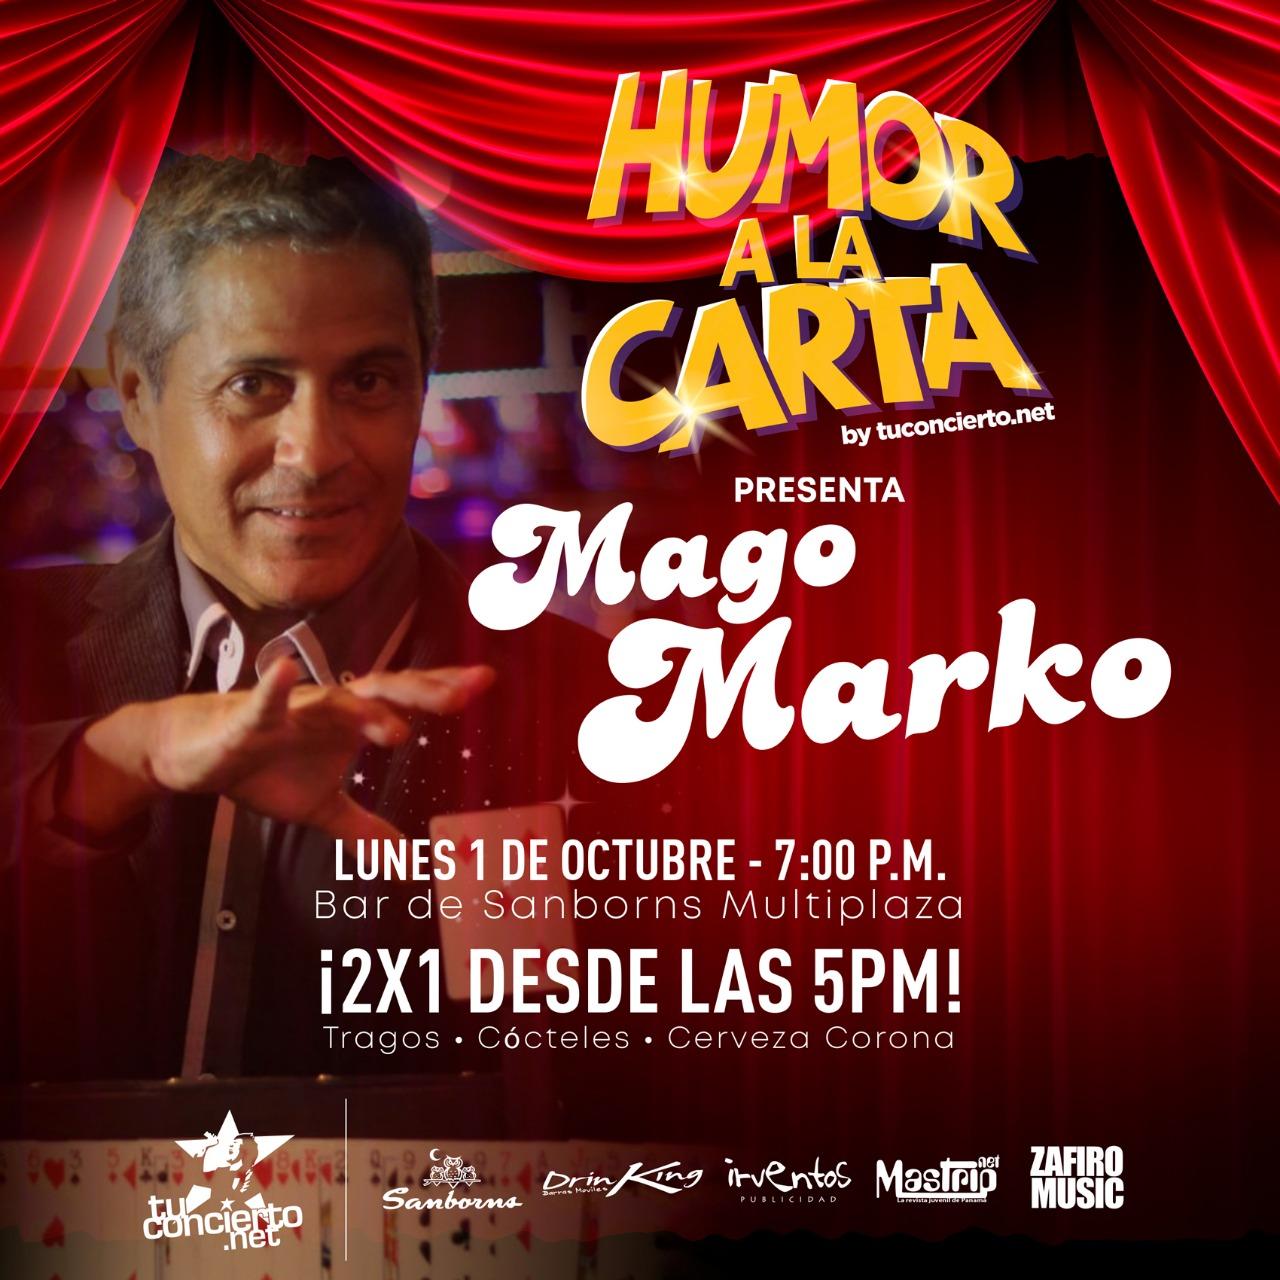 Photo of Esta noche Humor a la Carta by @tuconcierto presenta Mago Marko